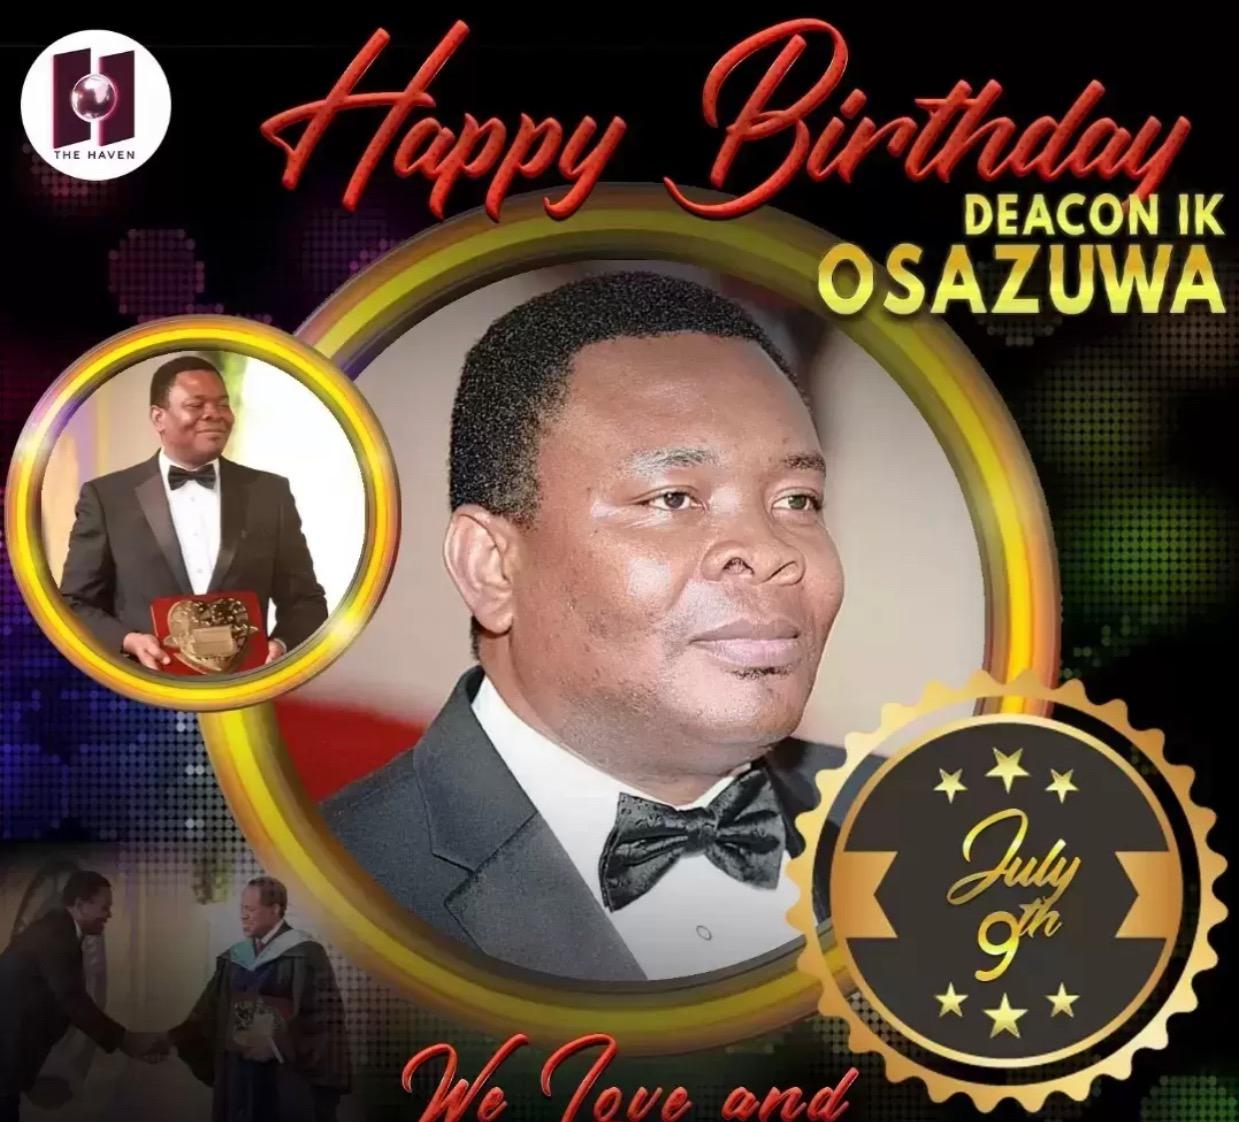 Happy Birthday Sir! Thank you